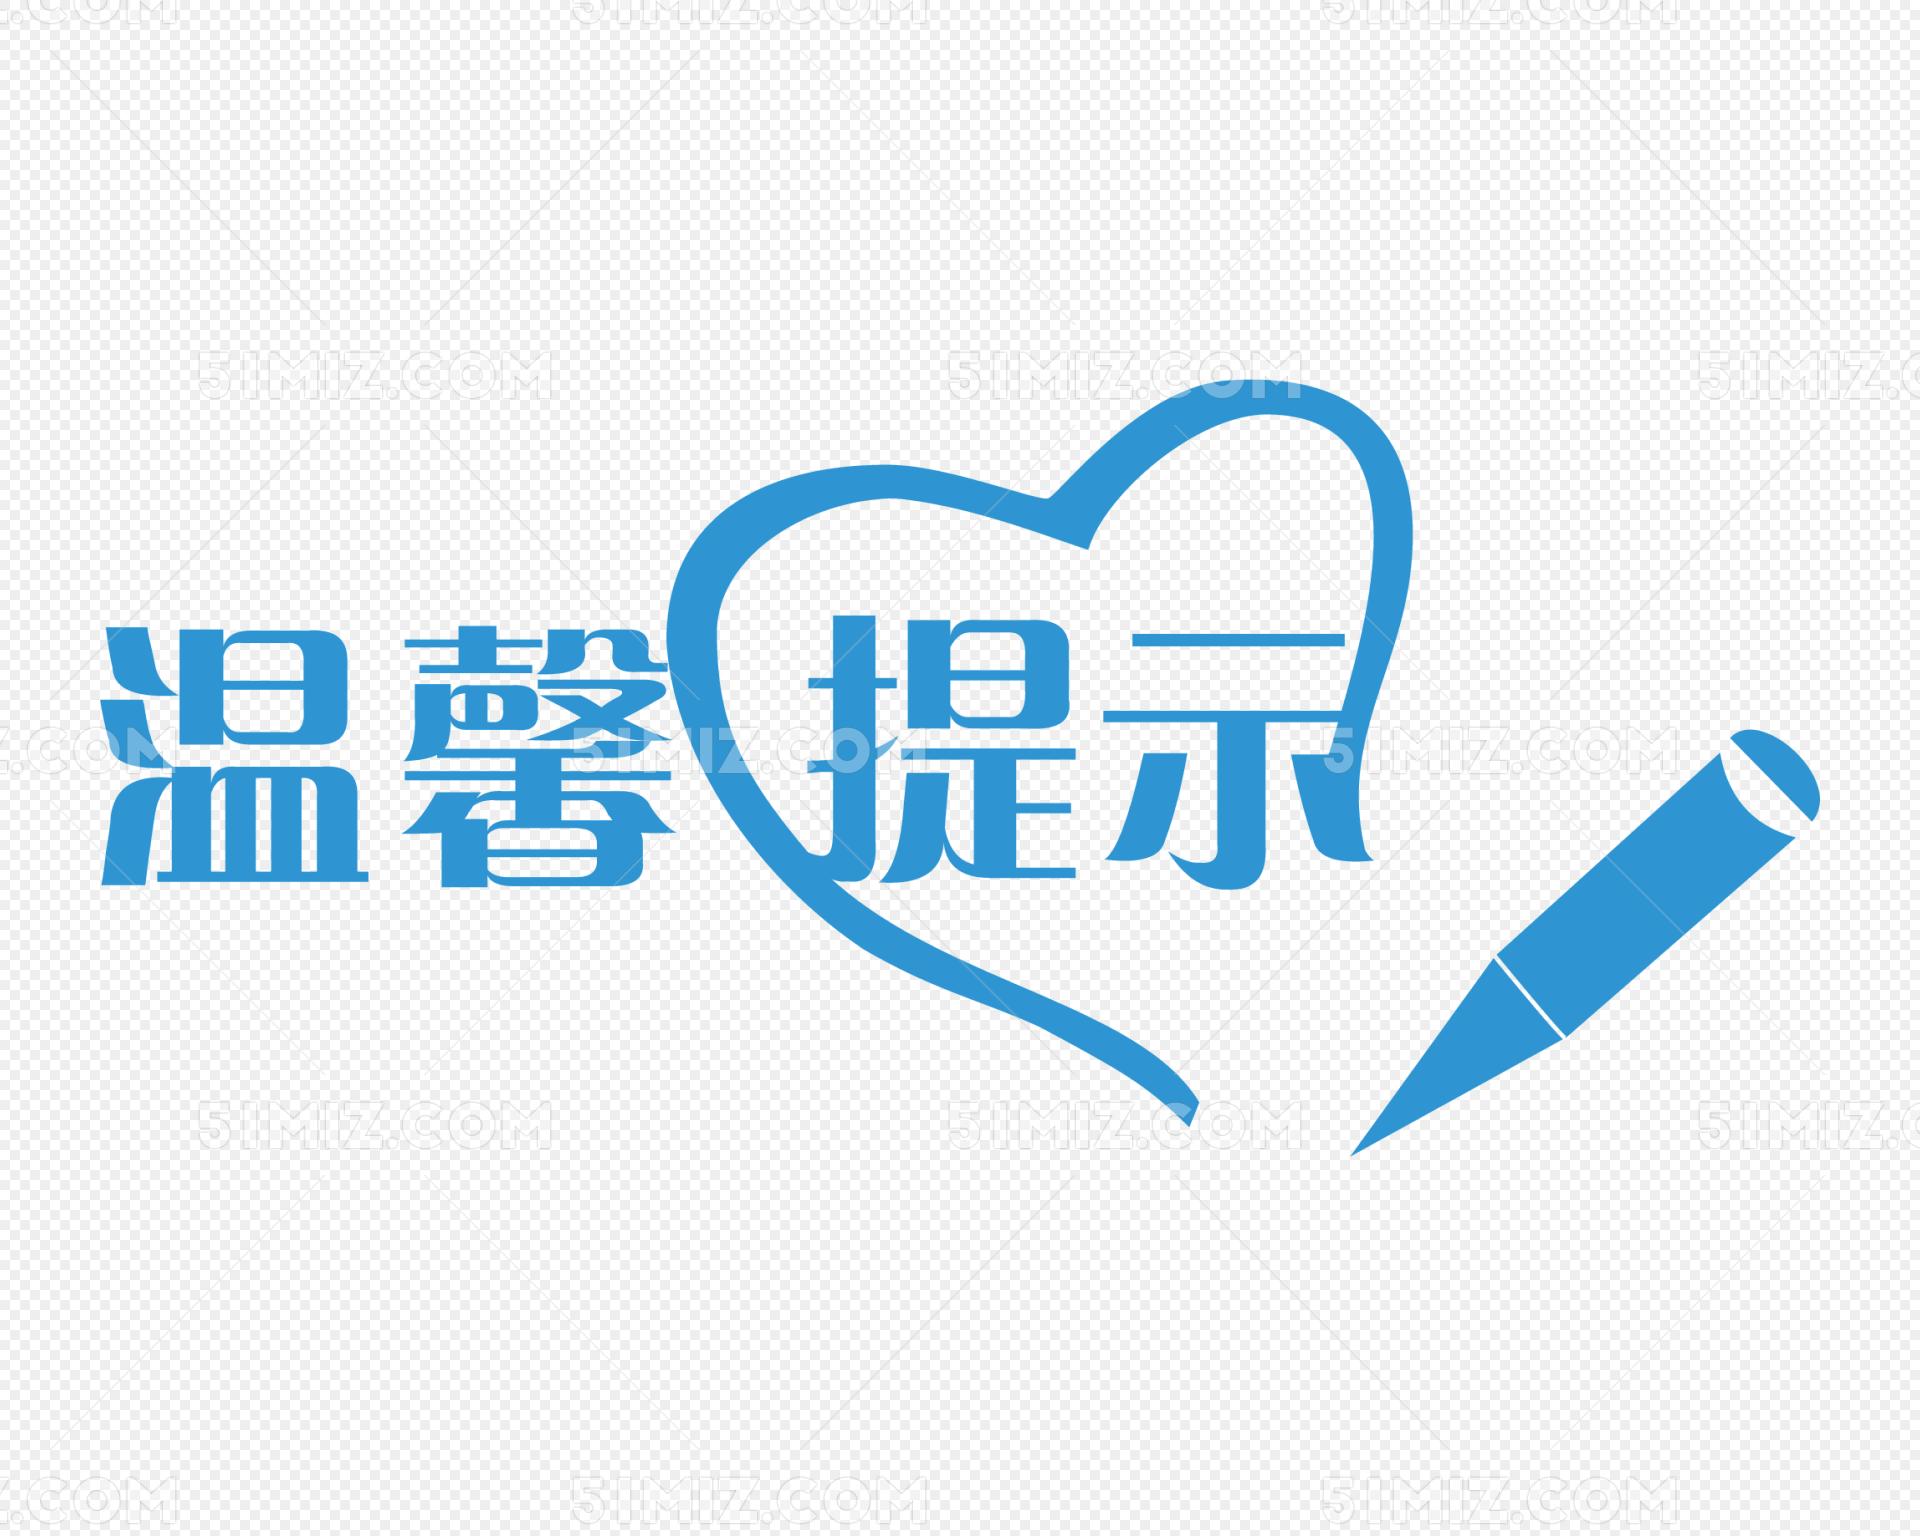 淘宝温馨卡片_手写淘宝温馨提示图片素材免费下载 - 觅知网